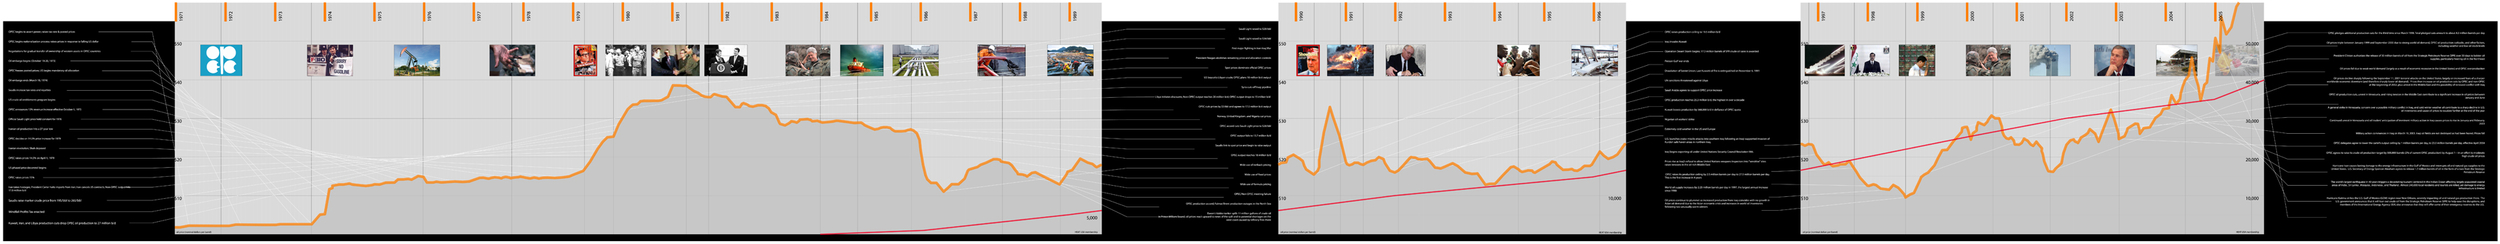 Heat Wall 01small.jpg